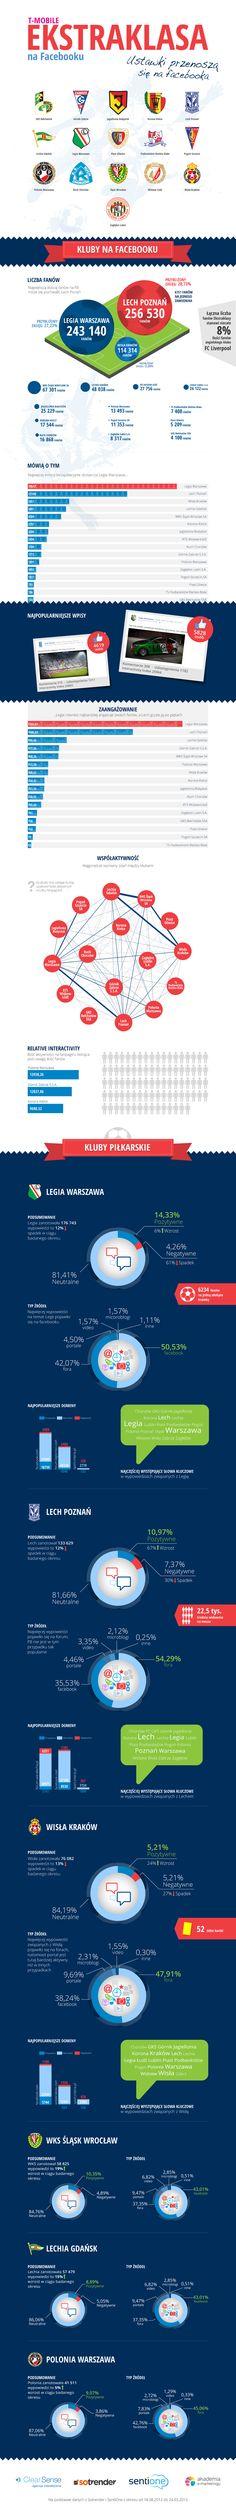 #Ekstraklasa i #Facebook. Kto wypada najlepiej?